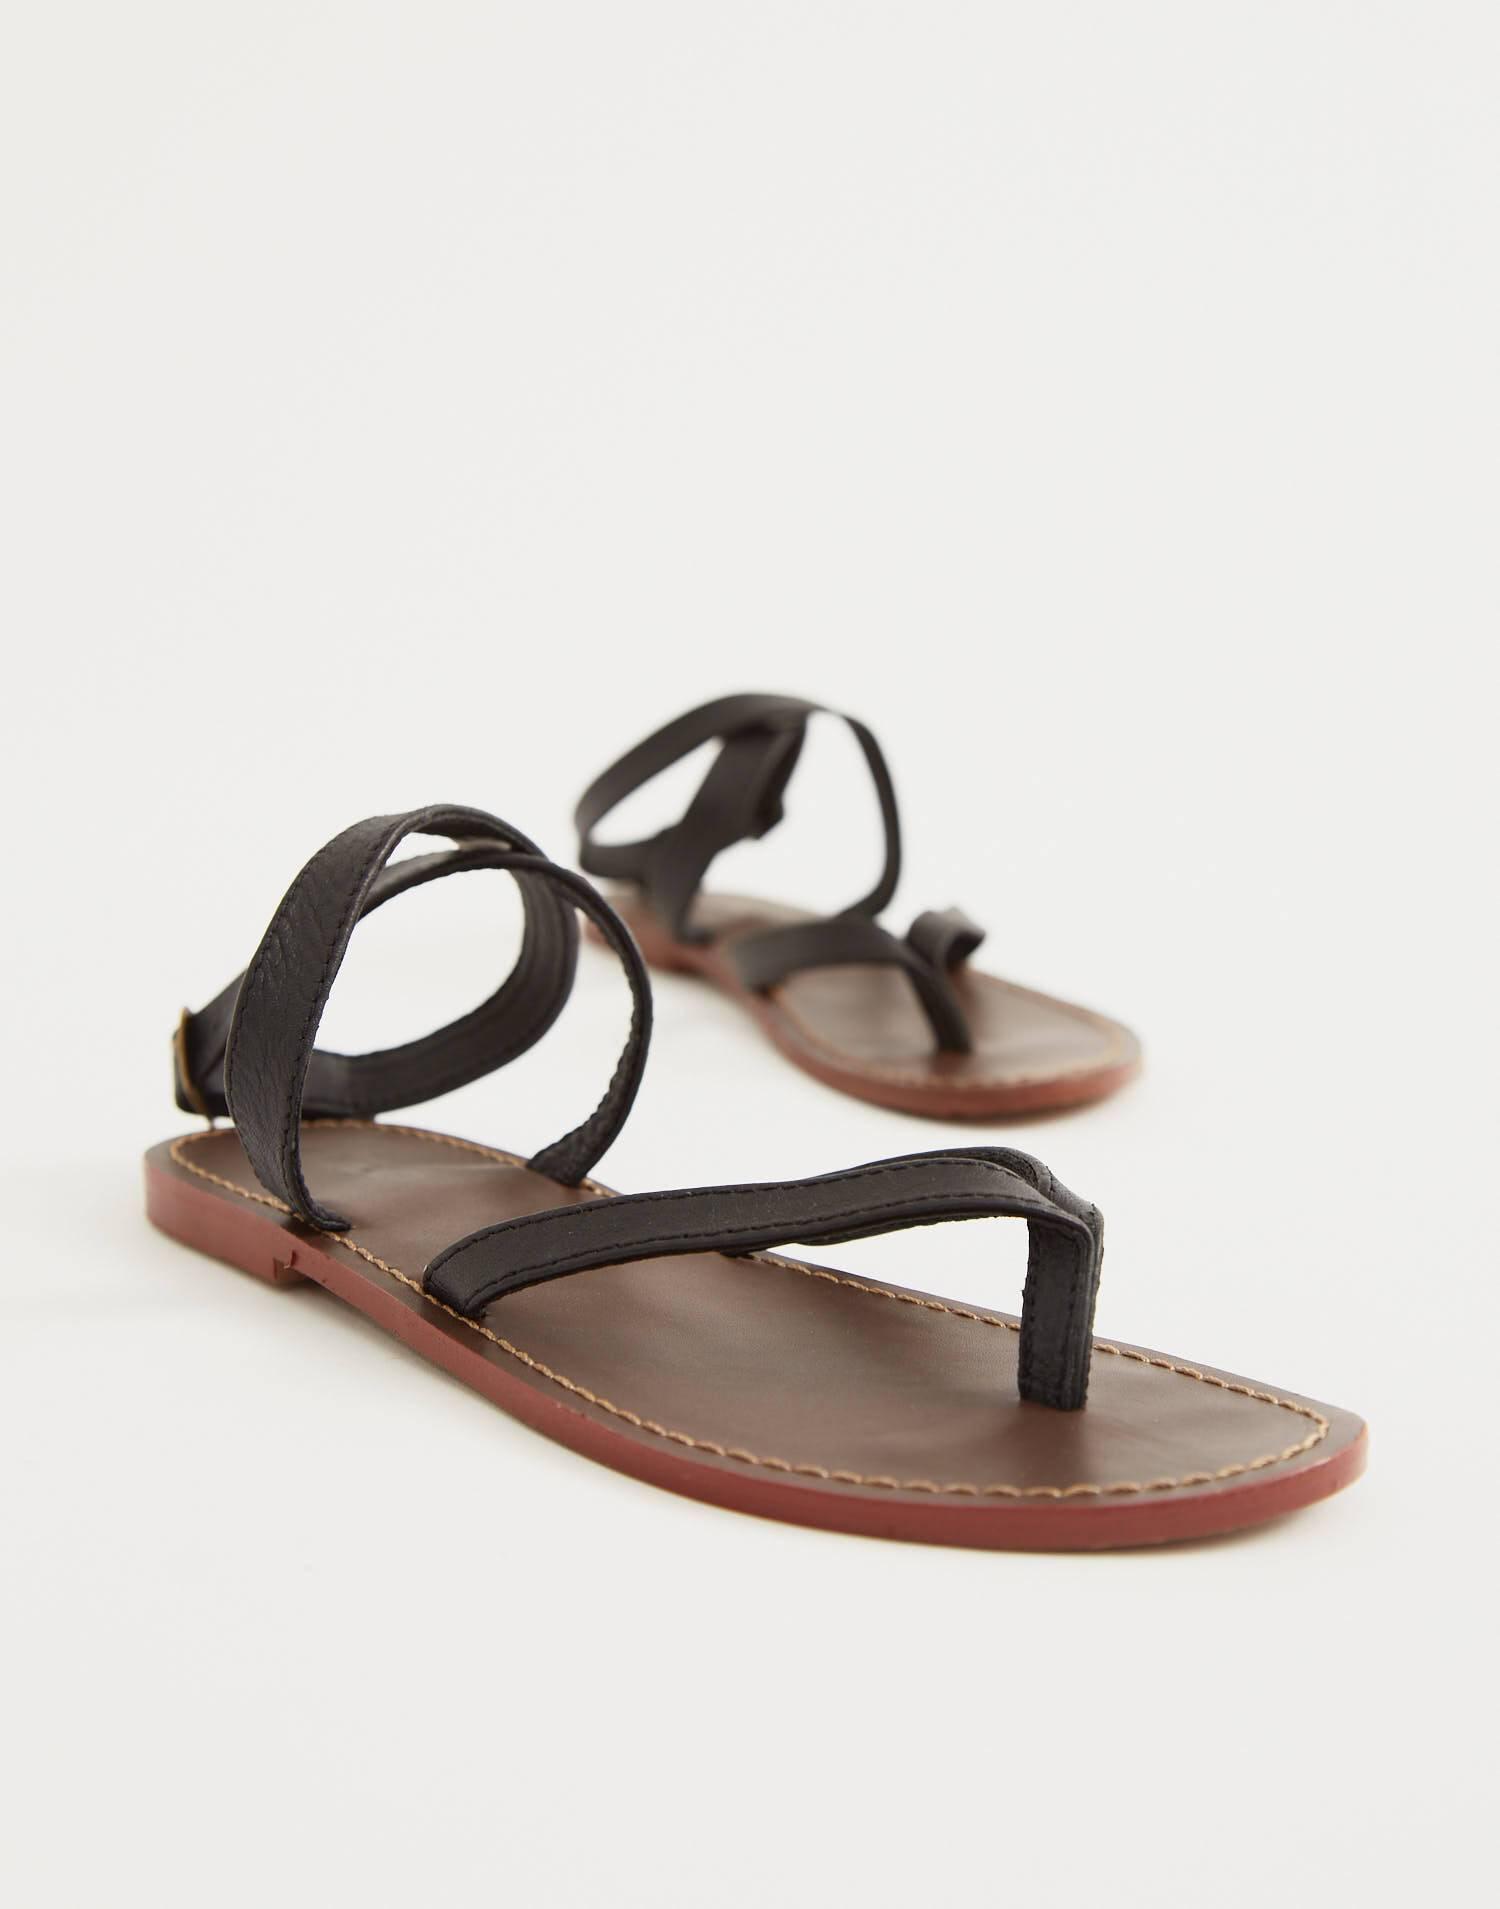 Sandalia piel tiras dedo